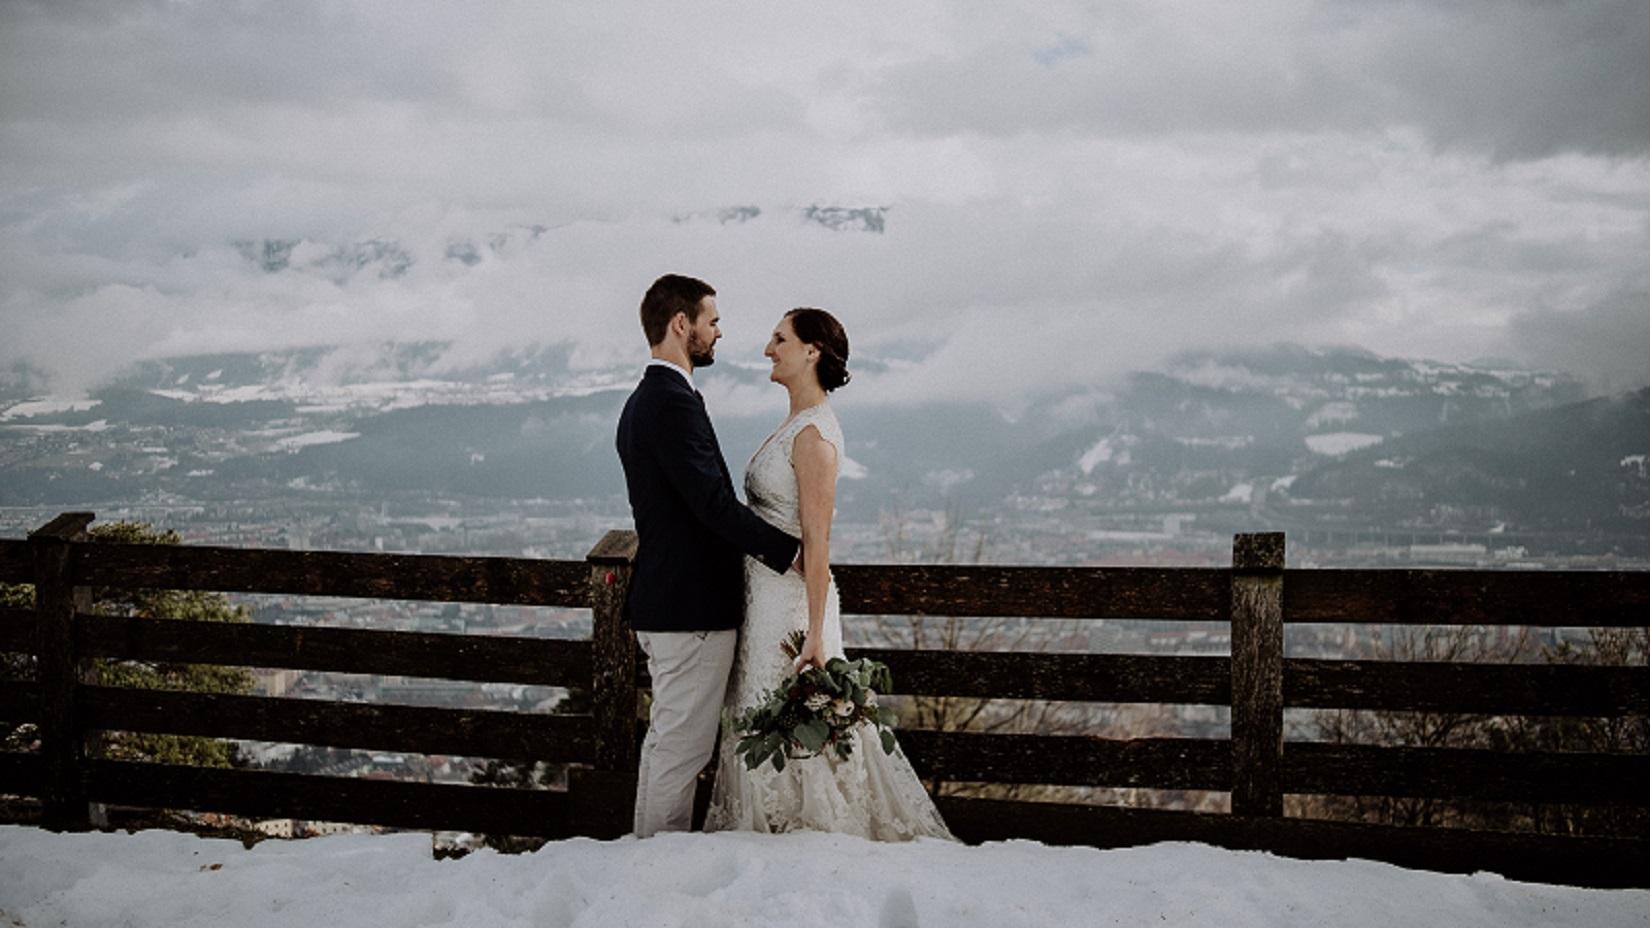 romantische-Winterhochzeit-im-Schnee